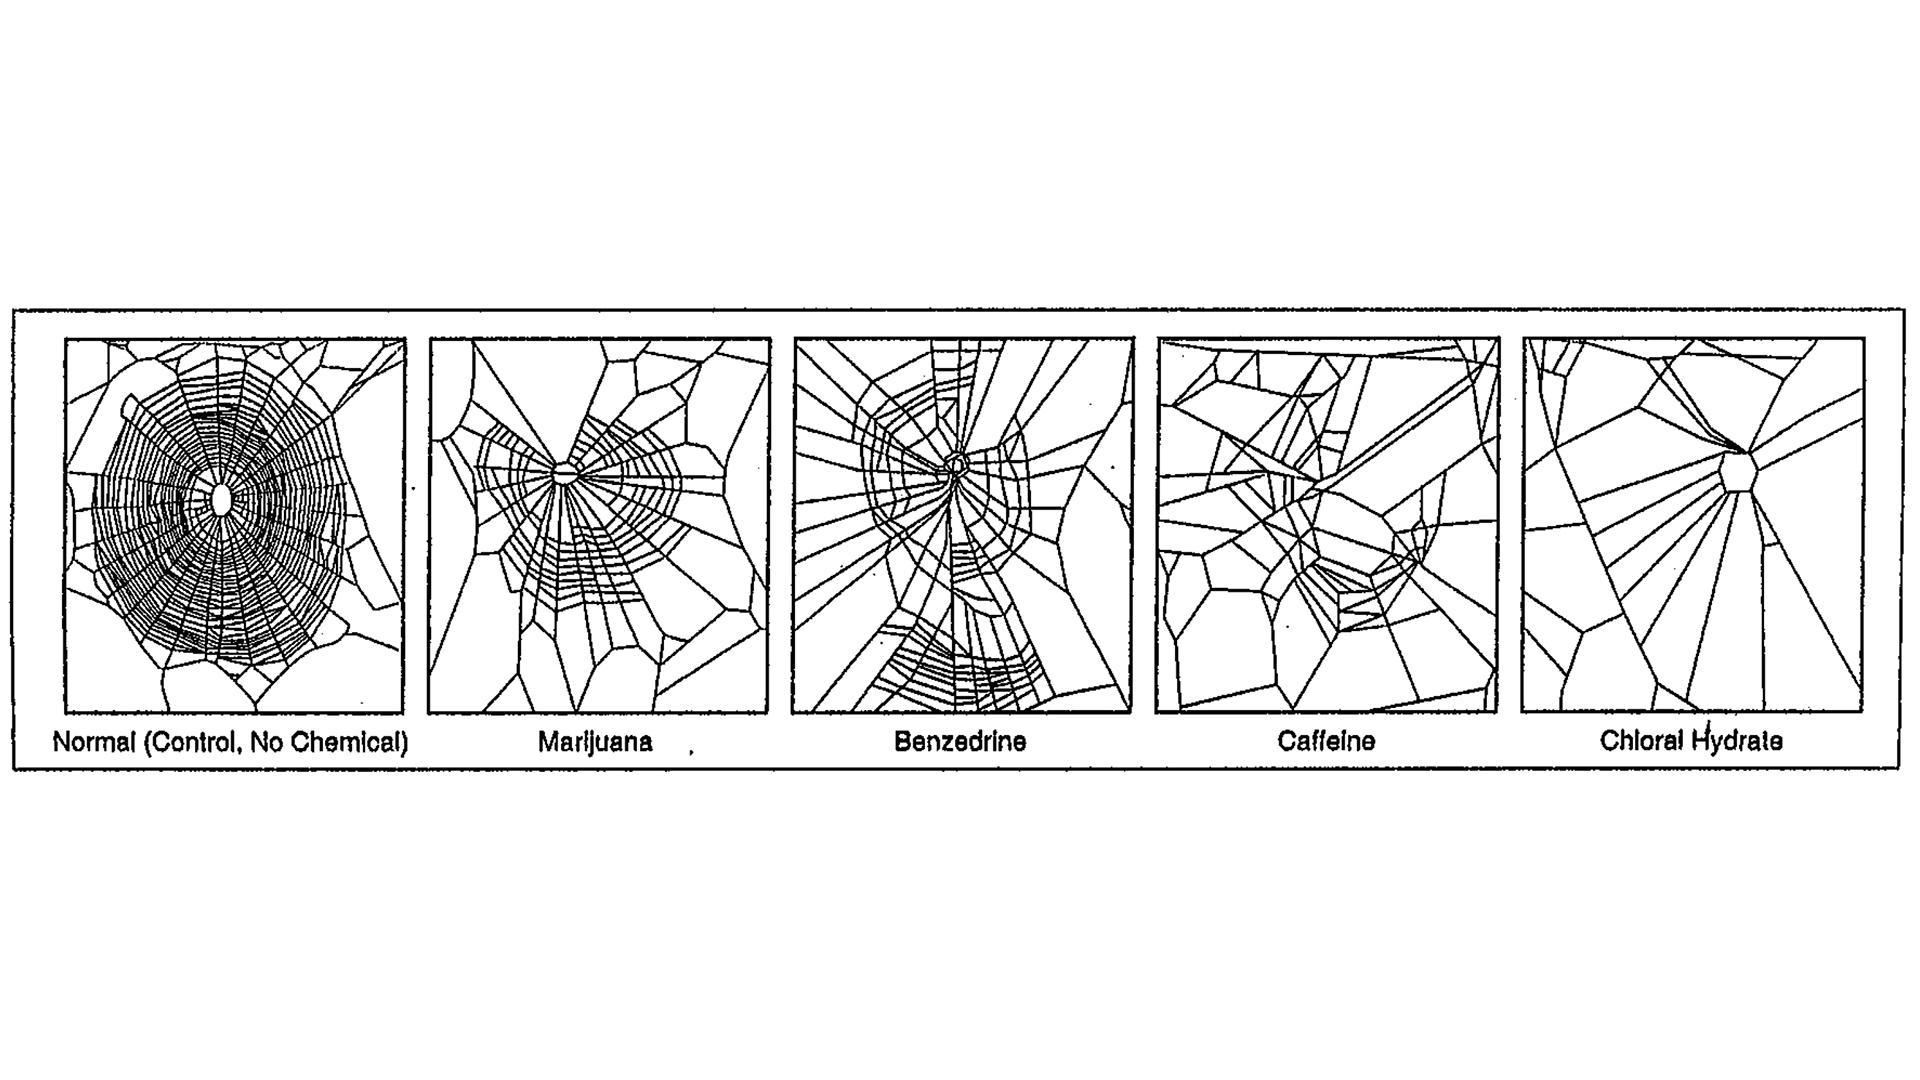 En 1995, des scientifiques ont évalué la toxicité de différents produits chimiques en analysant leur impact sur la construction de la toile.